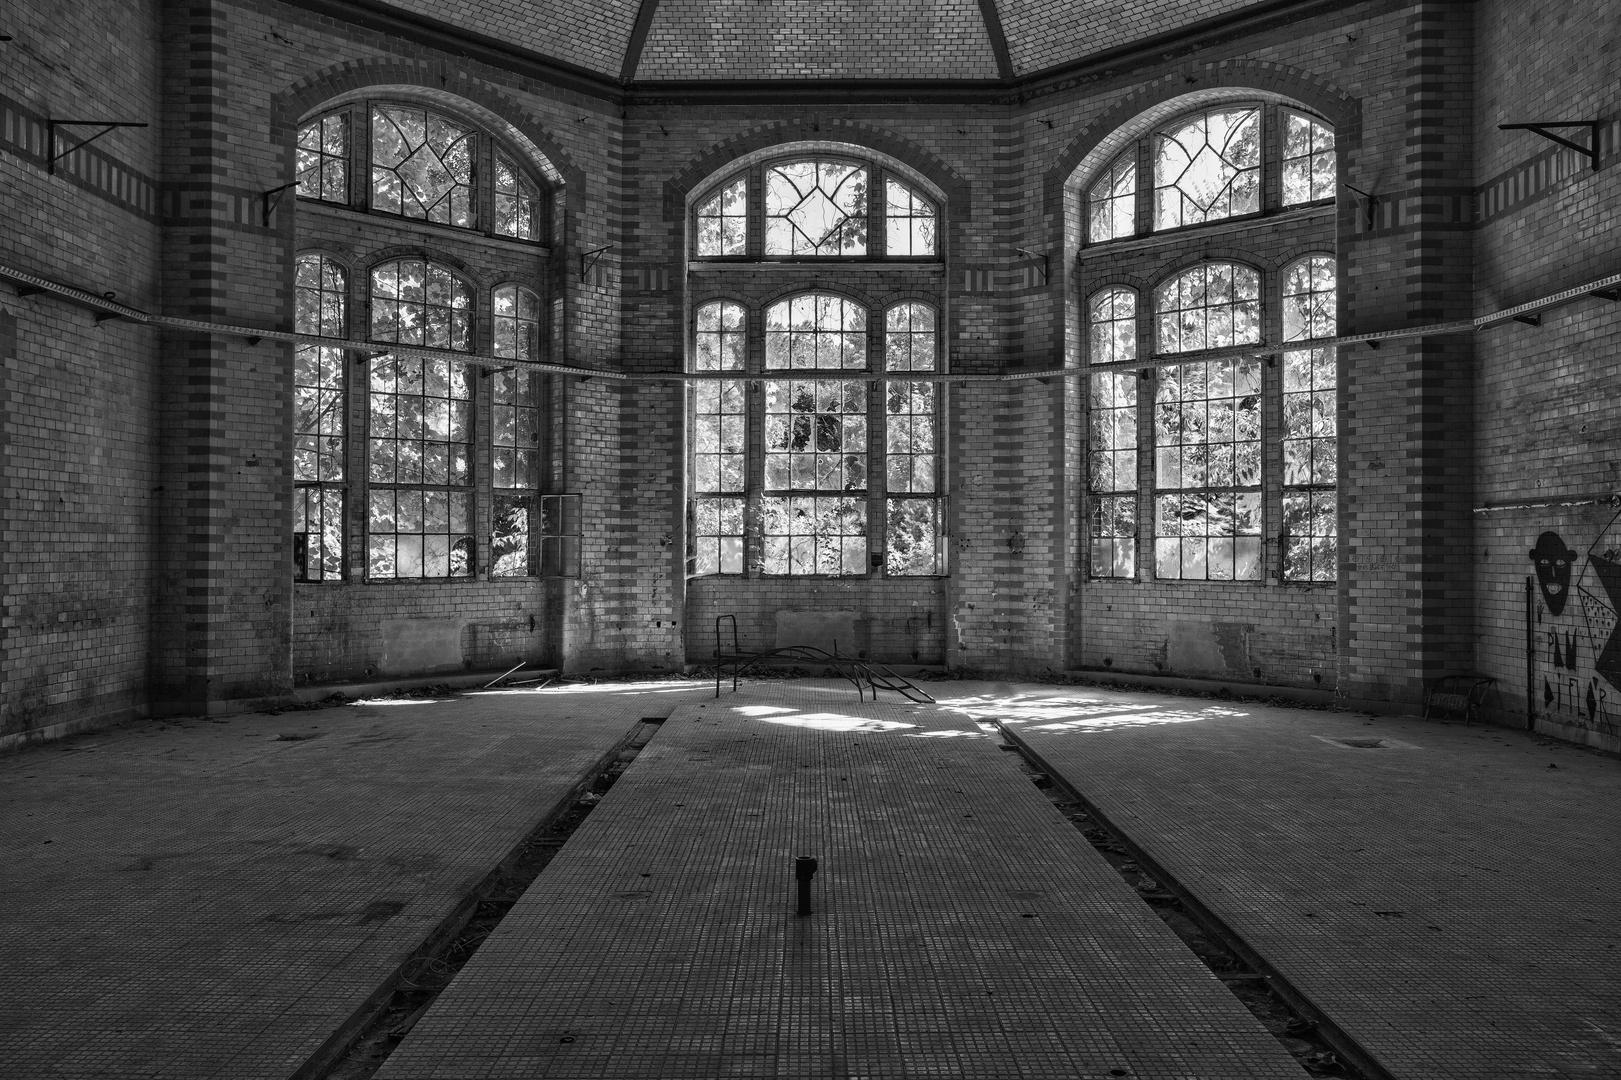 Beelitz Heilstätten - Frauensanatorium (69)